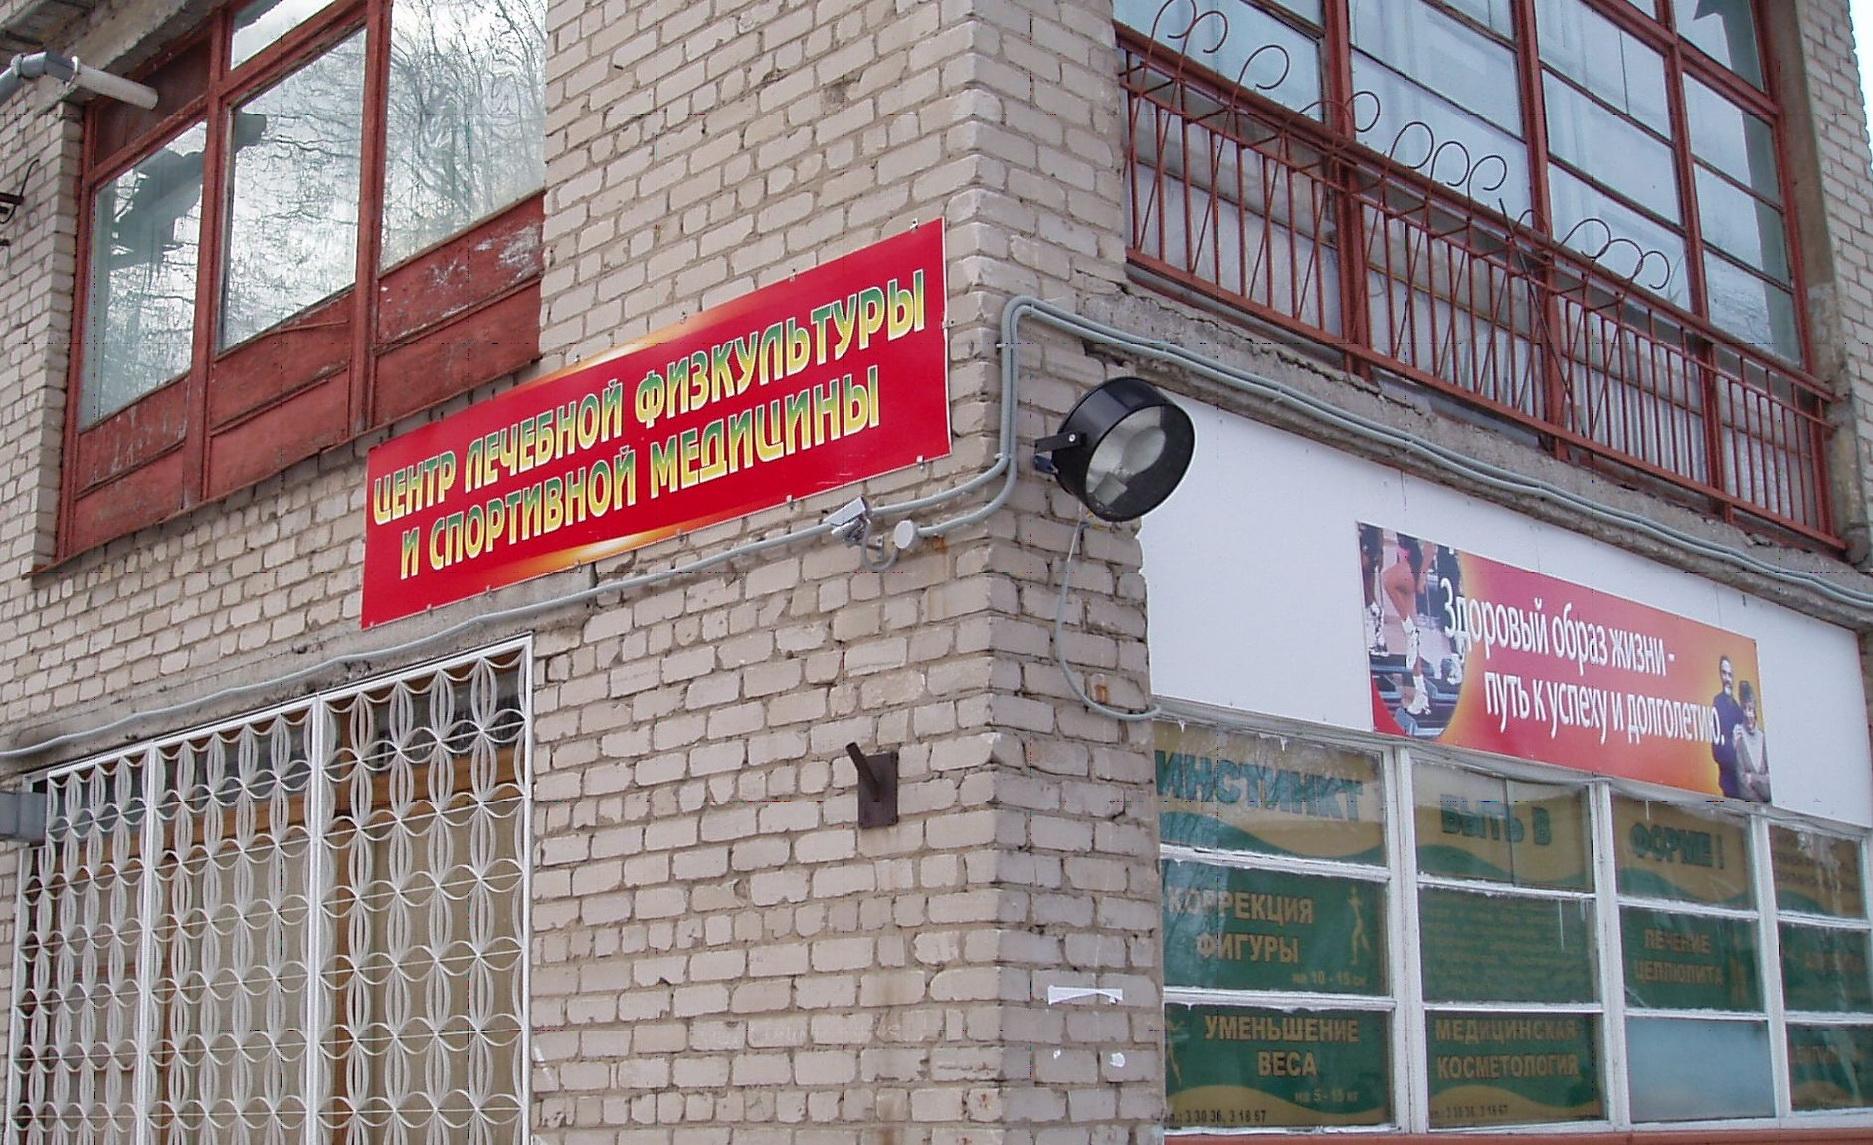 Поликлиника на московском тольятти номер регистратуры